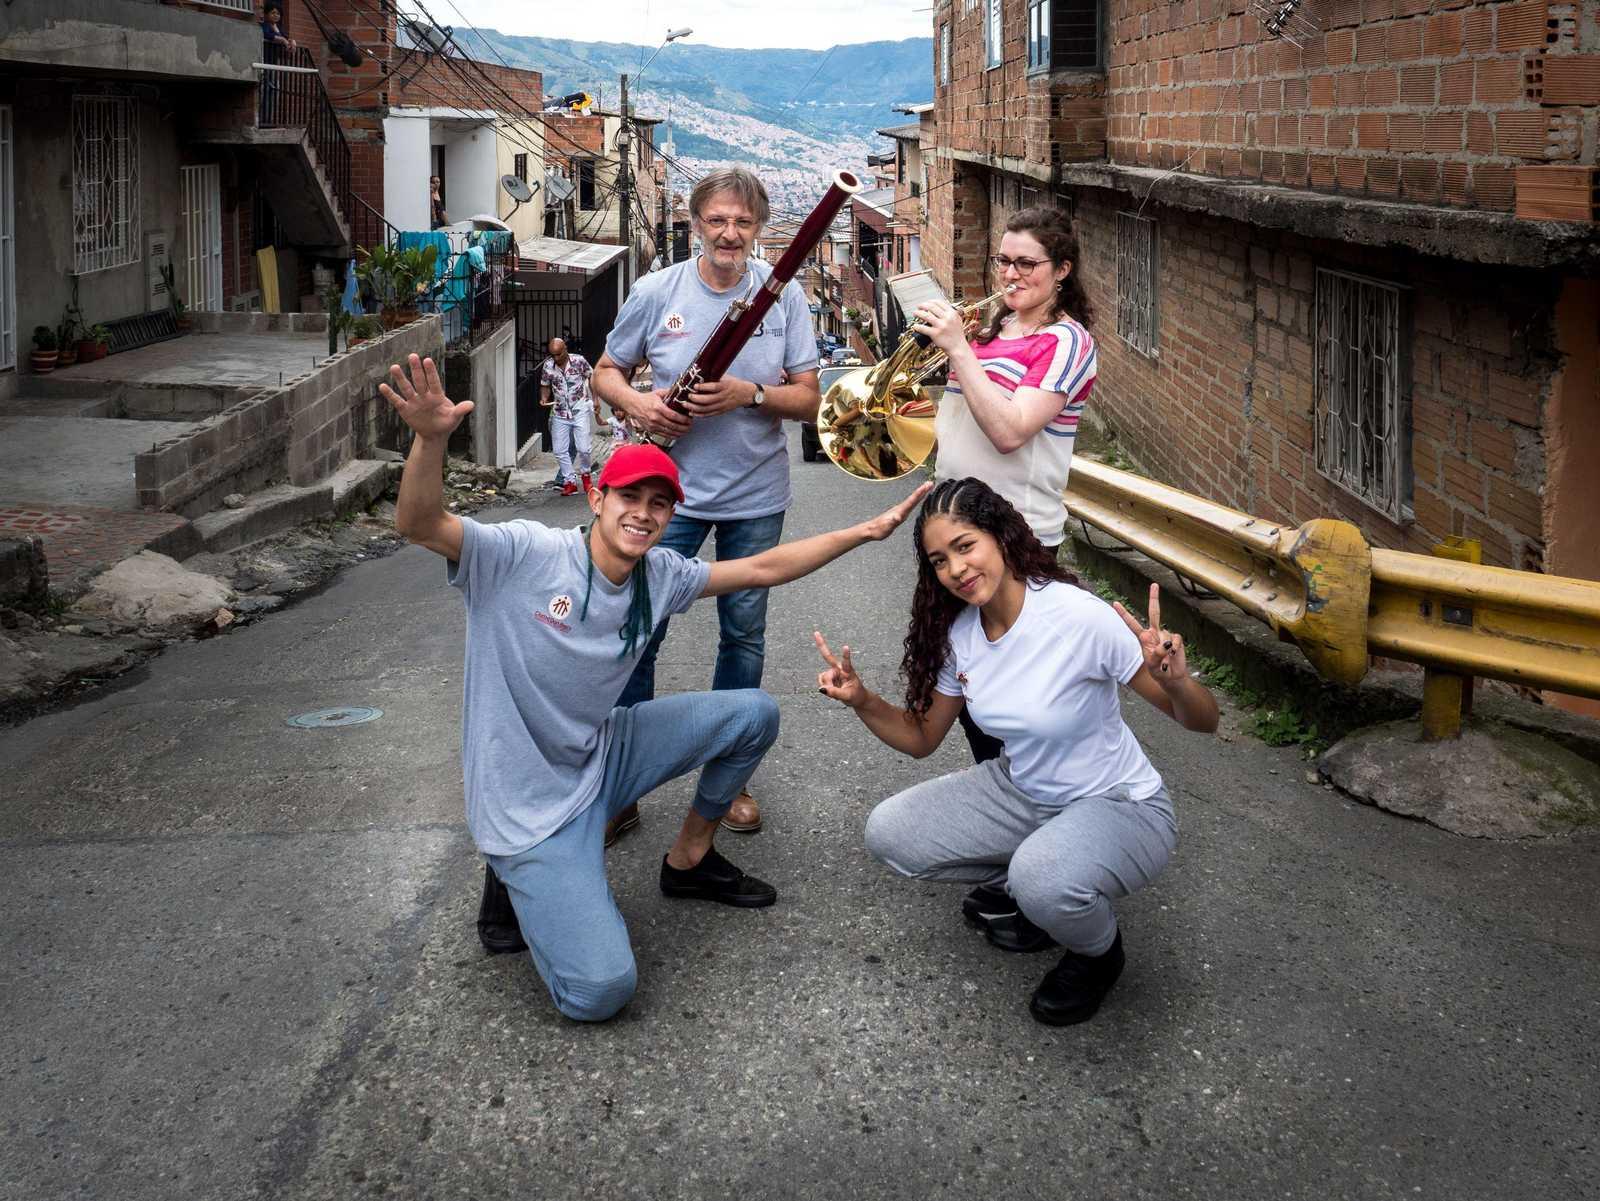 Zwei Musiker und zwei Teilnehmer des Projekts Beethoven Moves auf einer Straße in Medellín